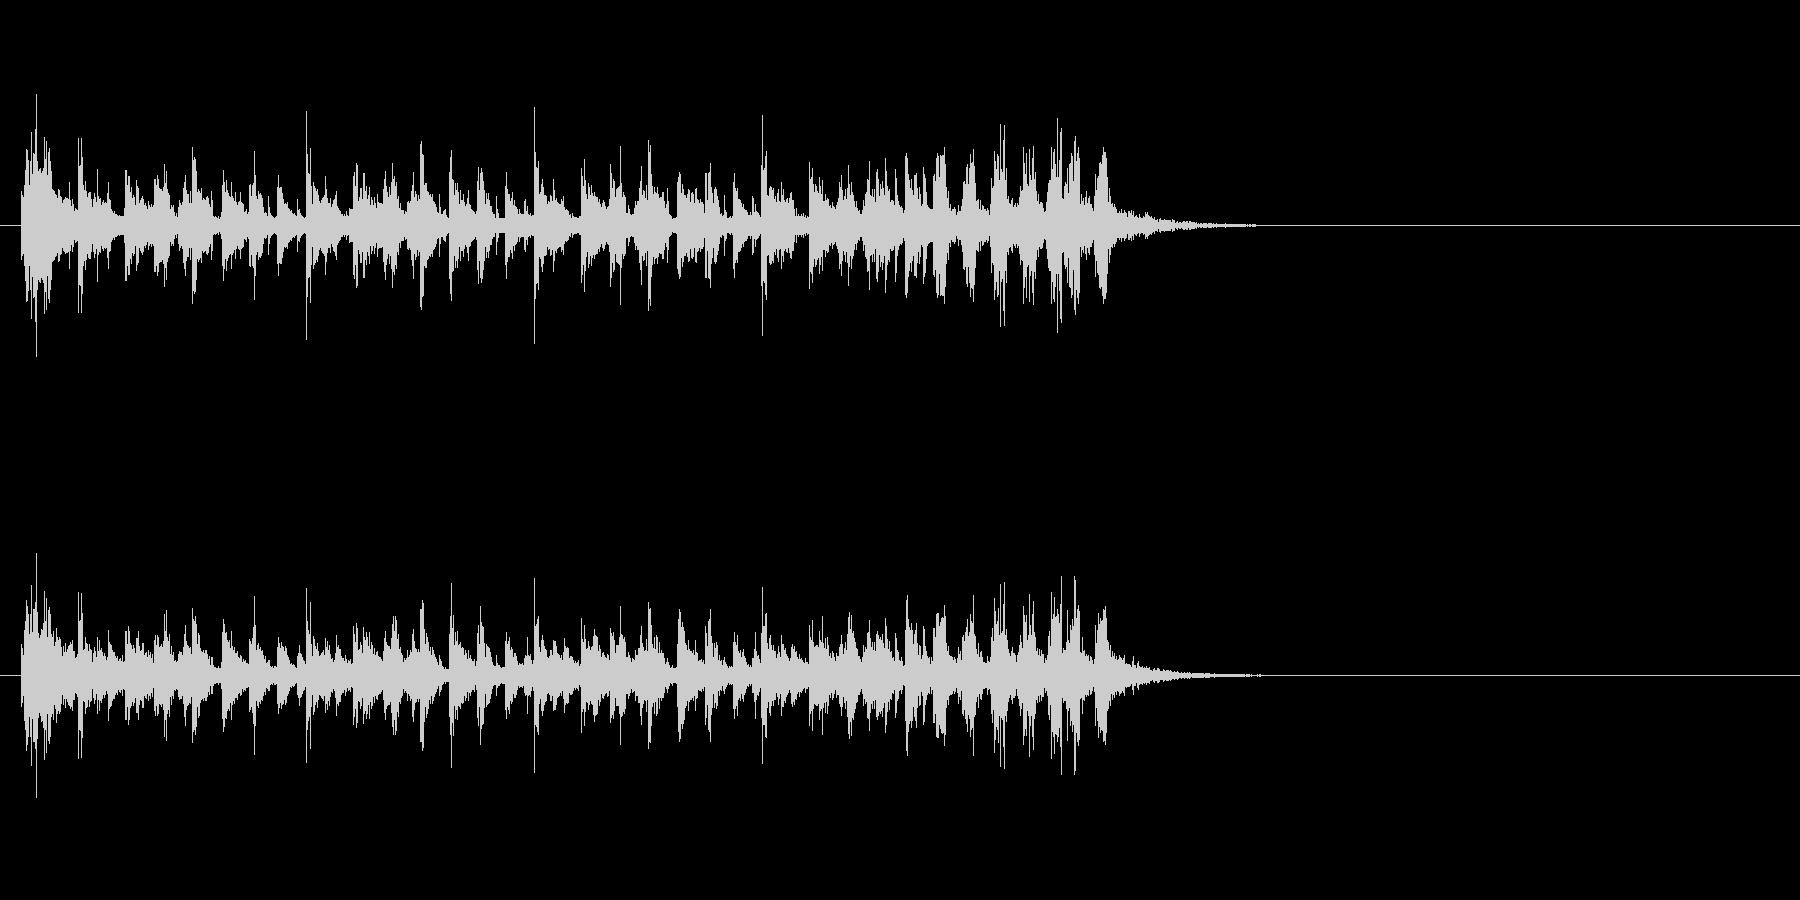 ジングル(ファンキーなハウス系)の未再生の波形